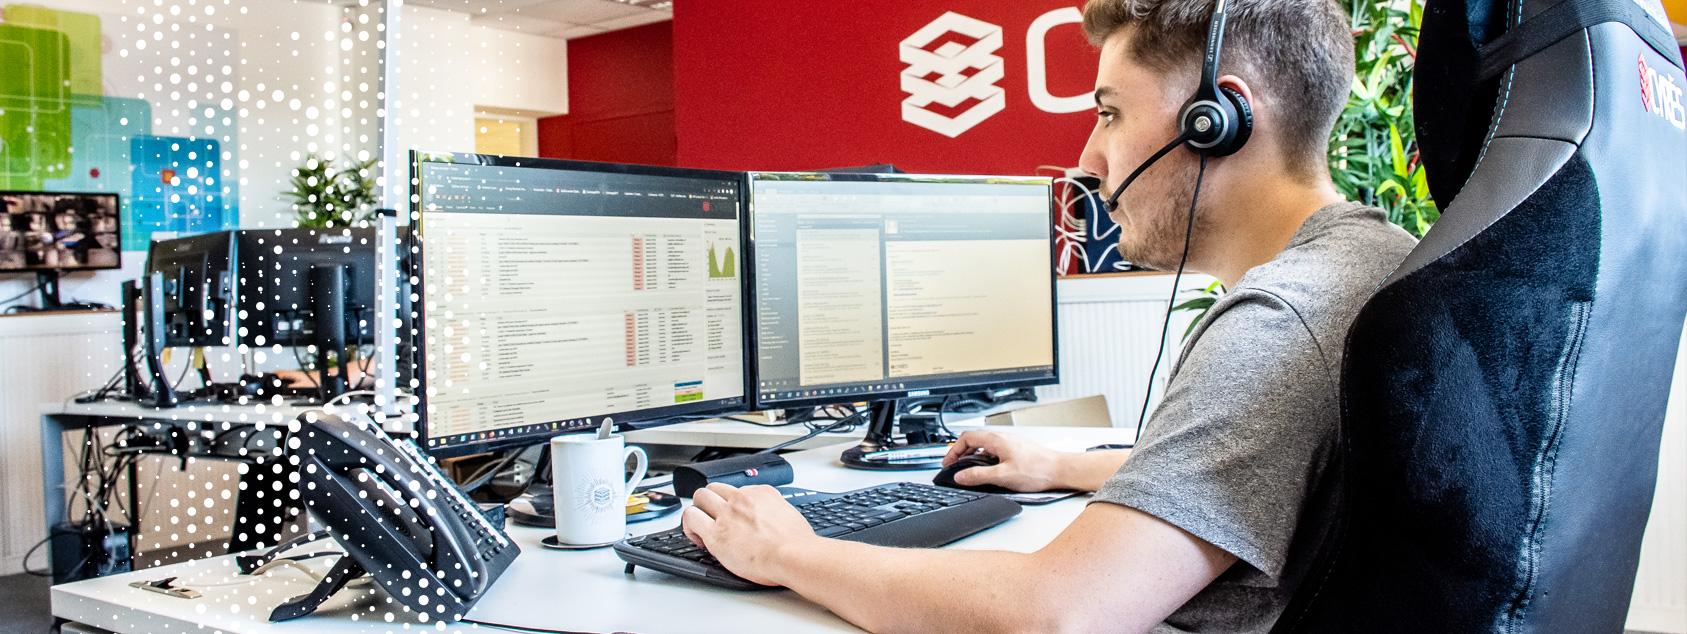 Equipe support et services de proximité - Datacenter Cyrès